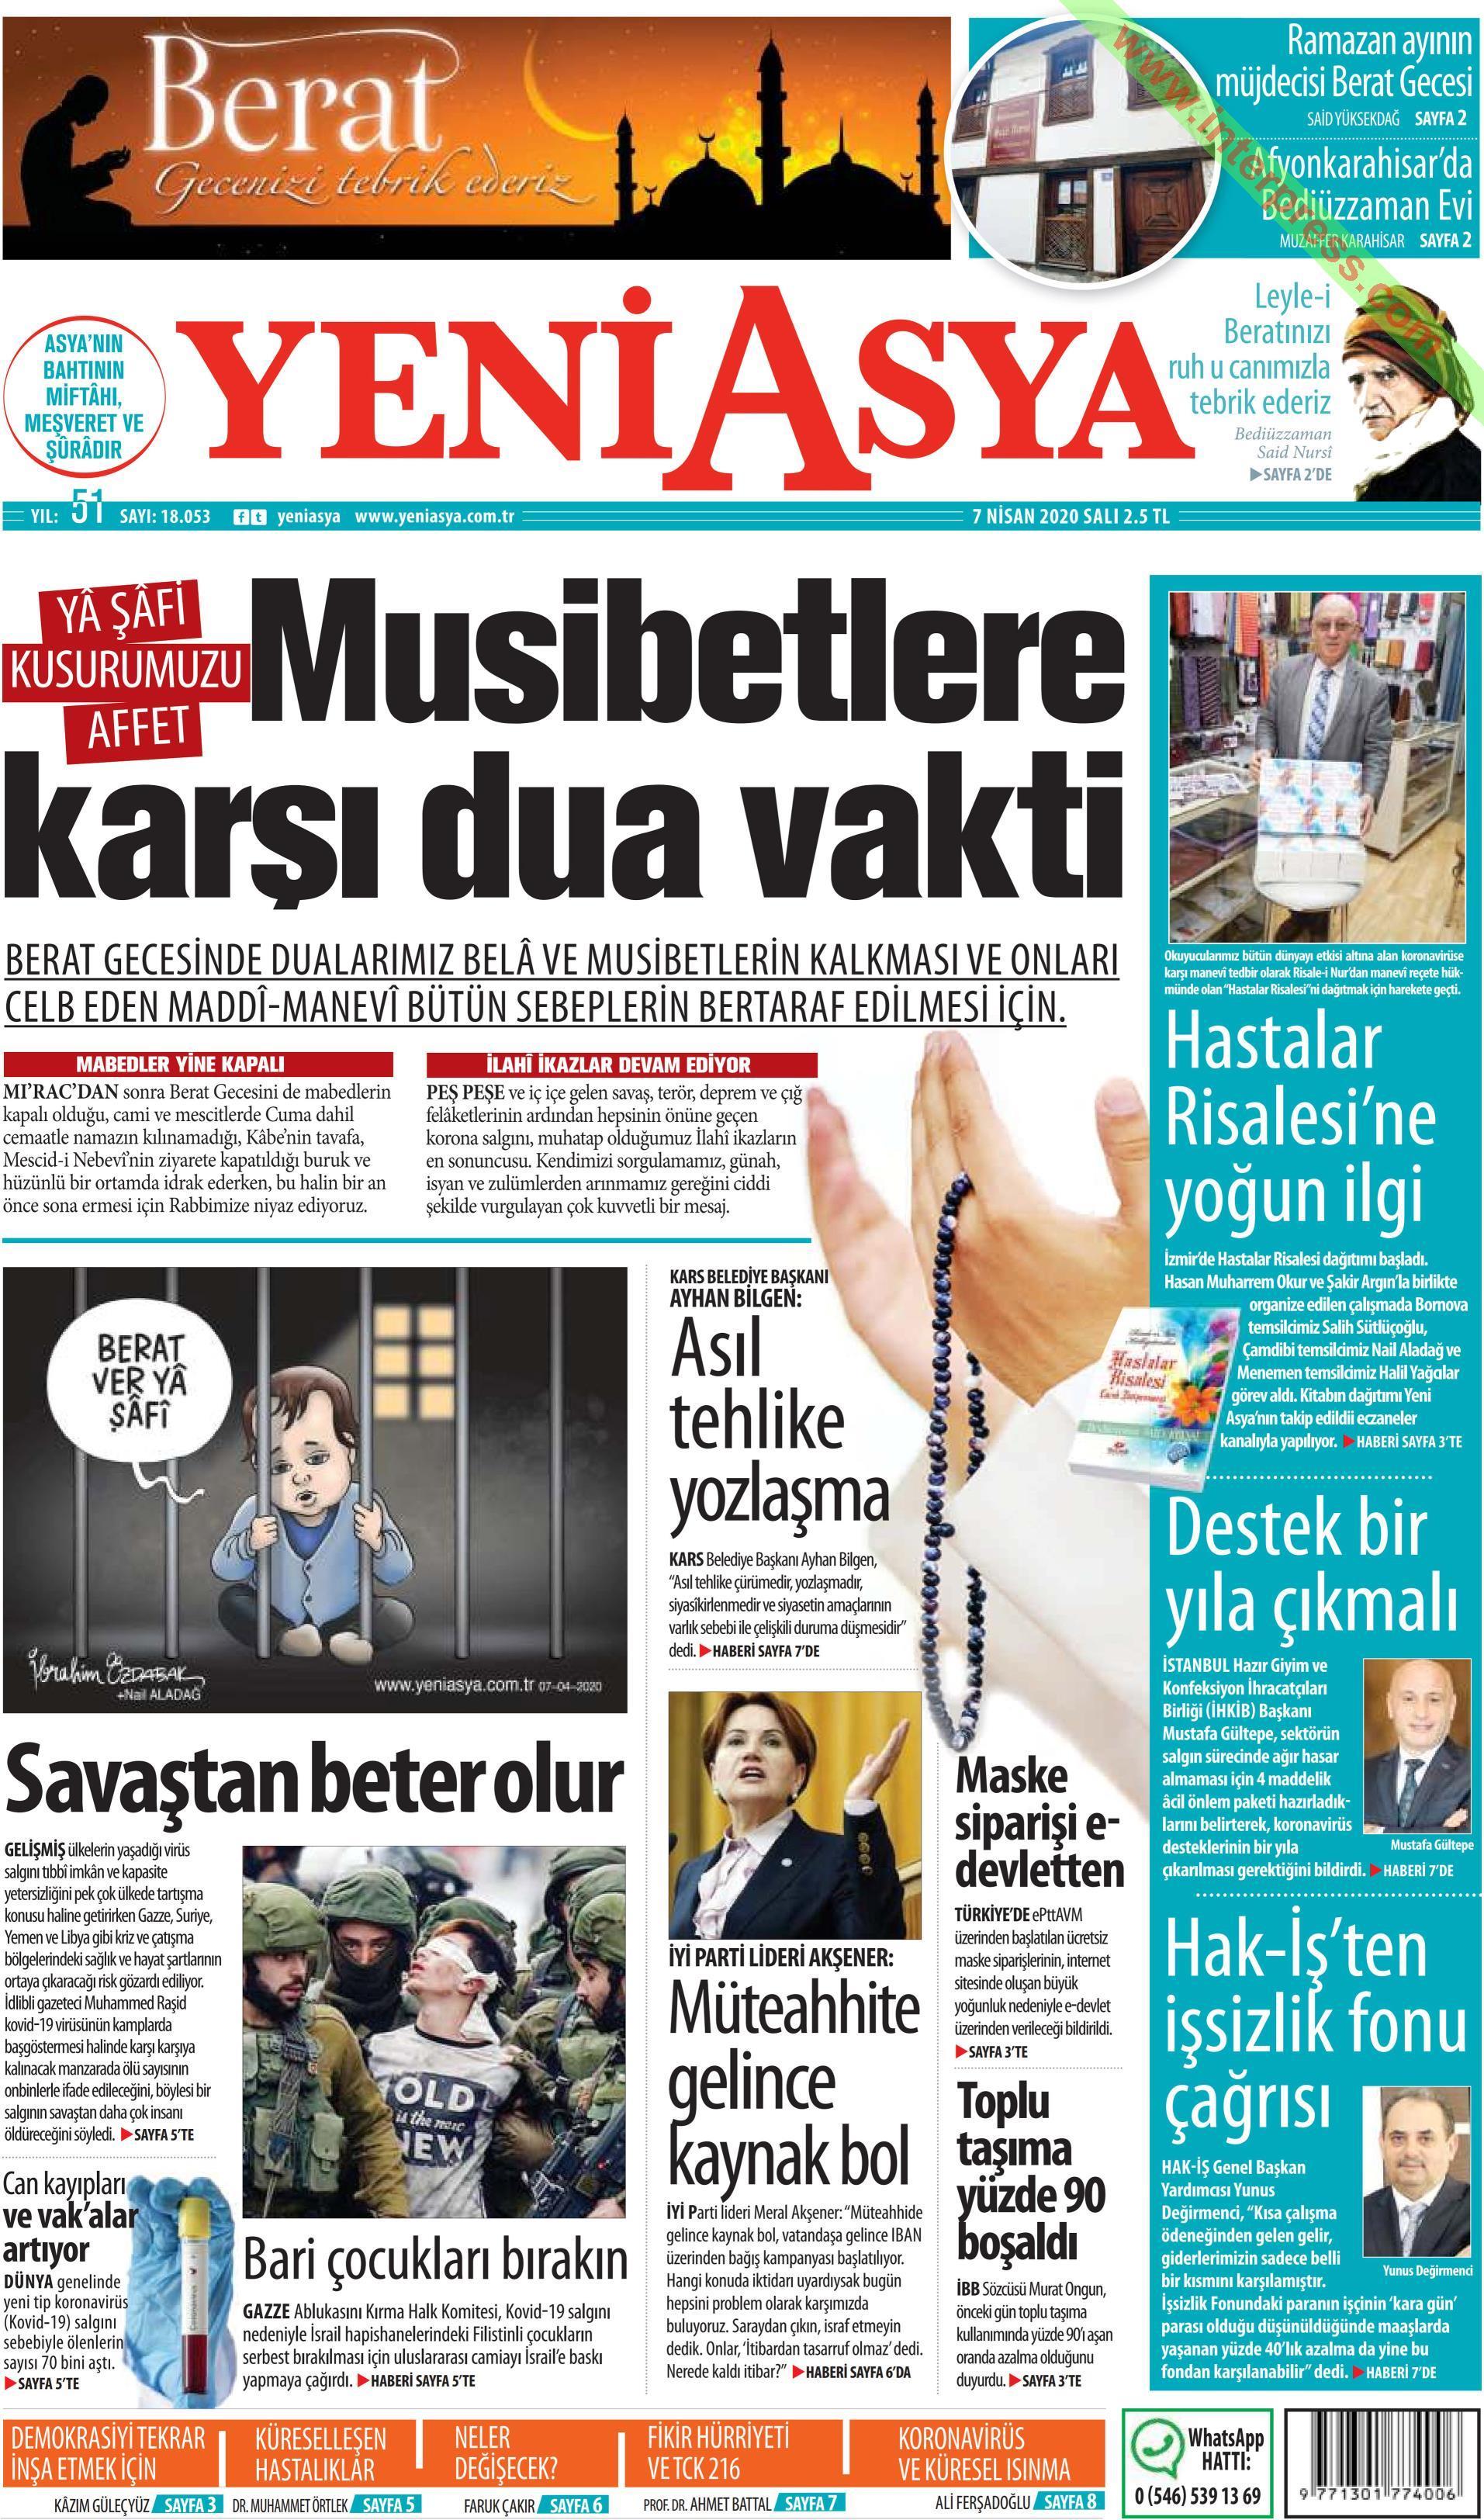 Yeni Asya gazetesi manşet ilk sayfa oku